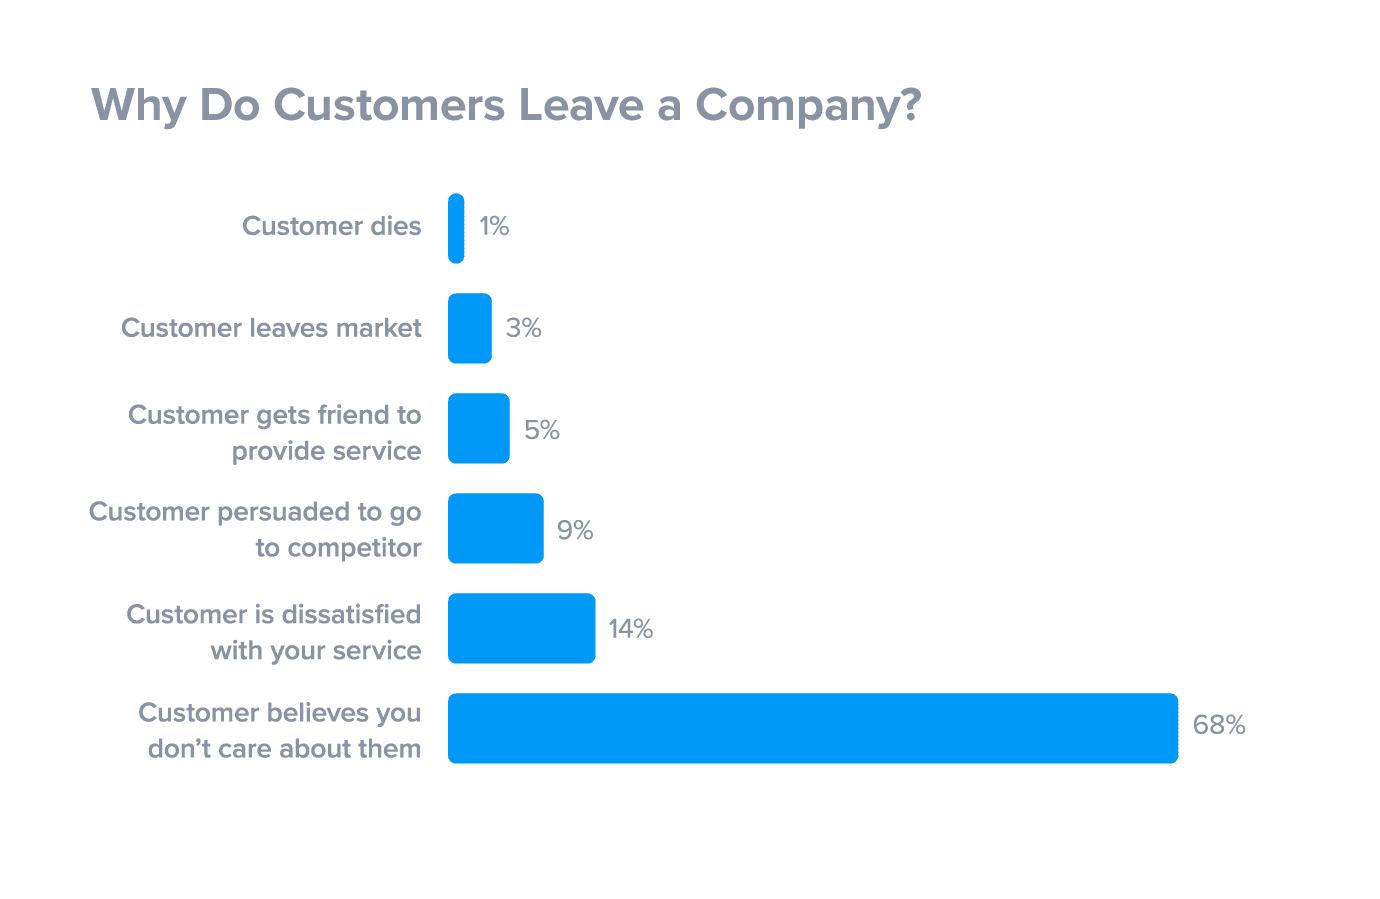 Kunden, die das Unternehmen verlassen